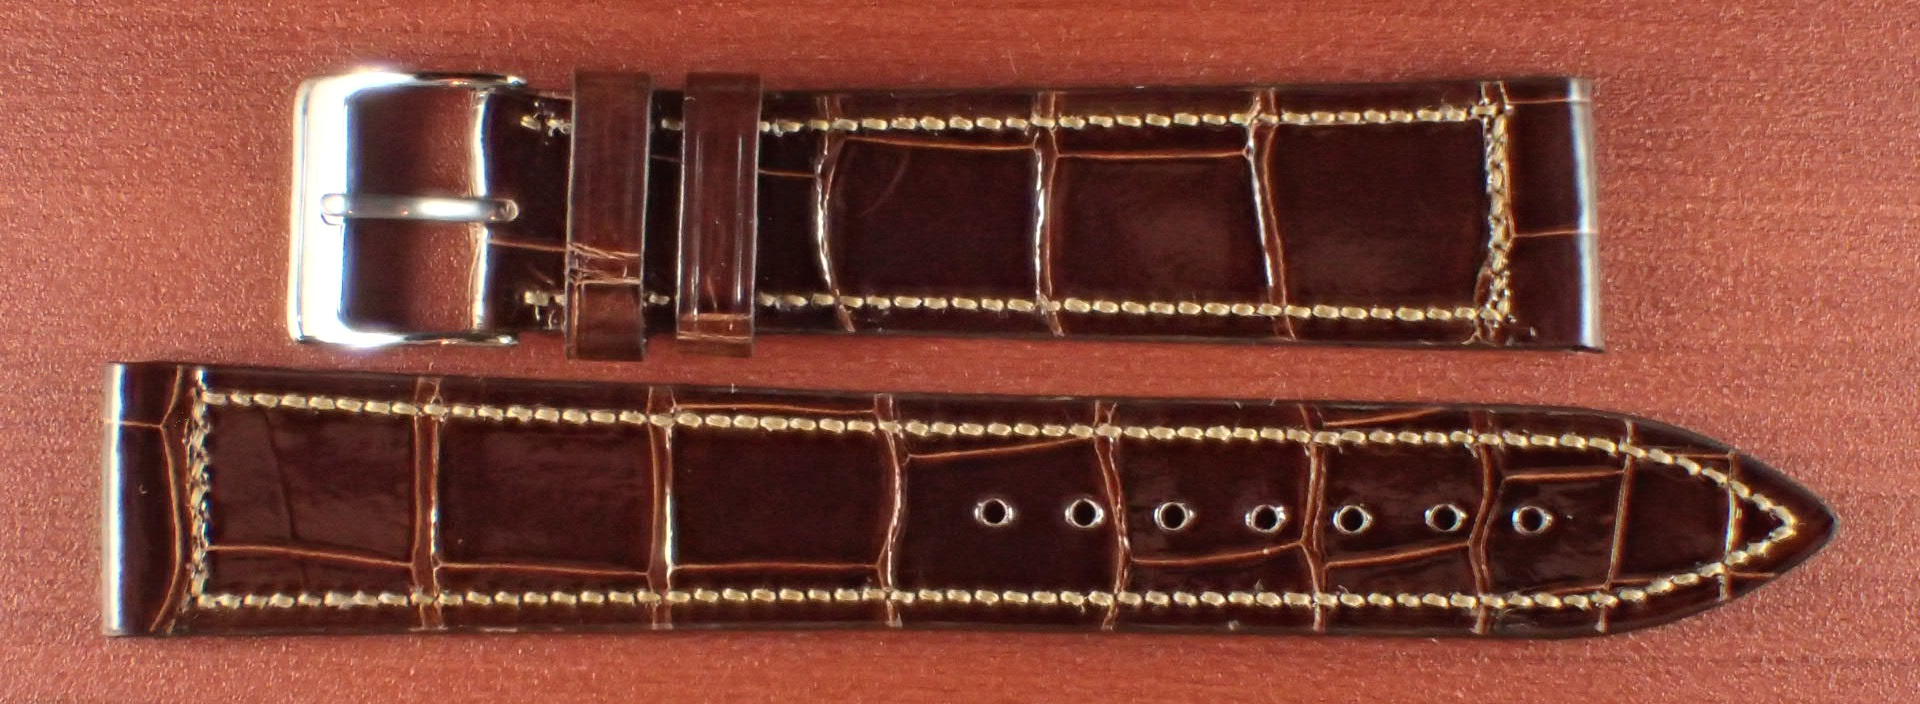 ジャン・クロード ペラン革ベルト クロコダイル タバコブラウン(シャイニー) 18mm